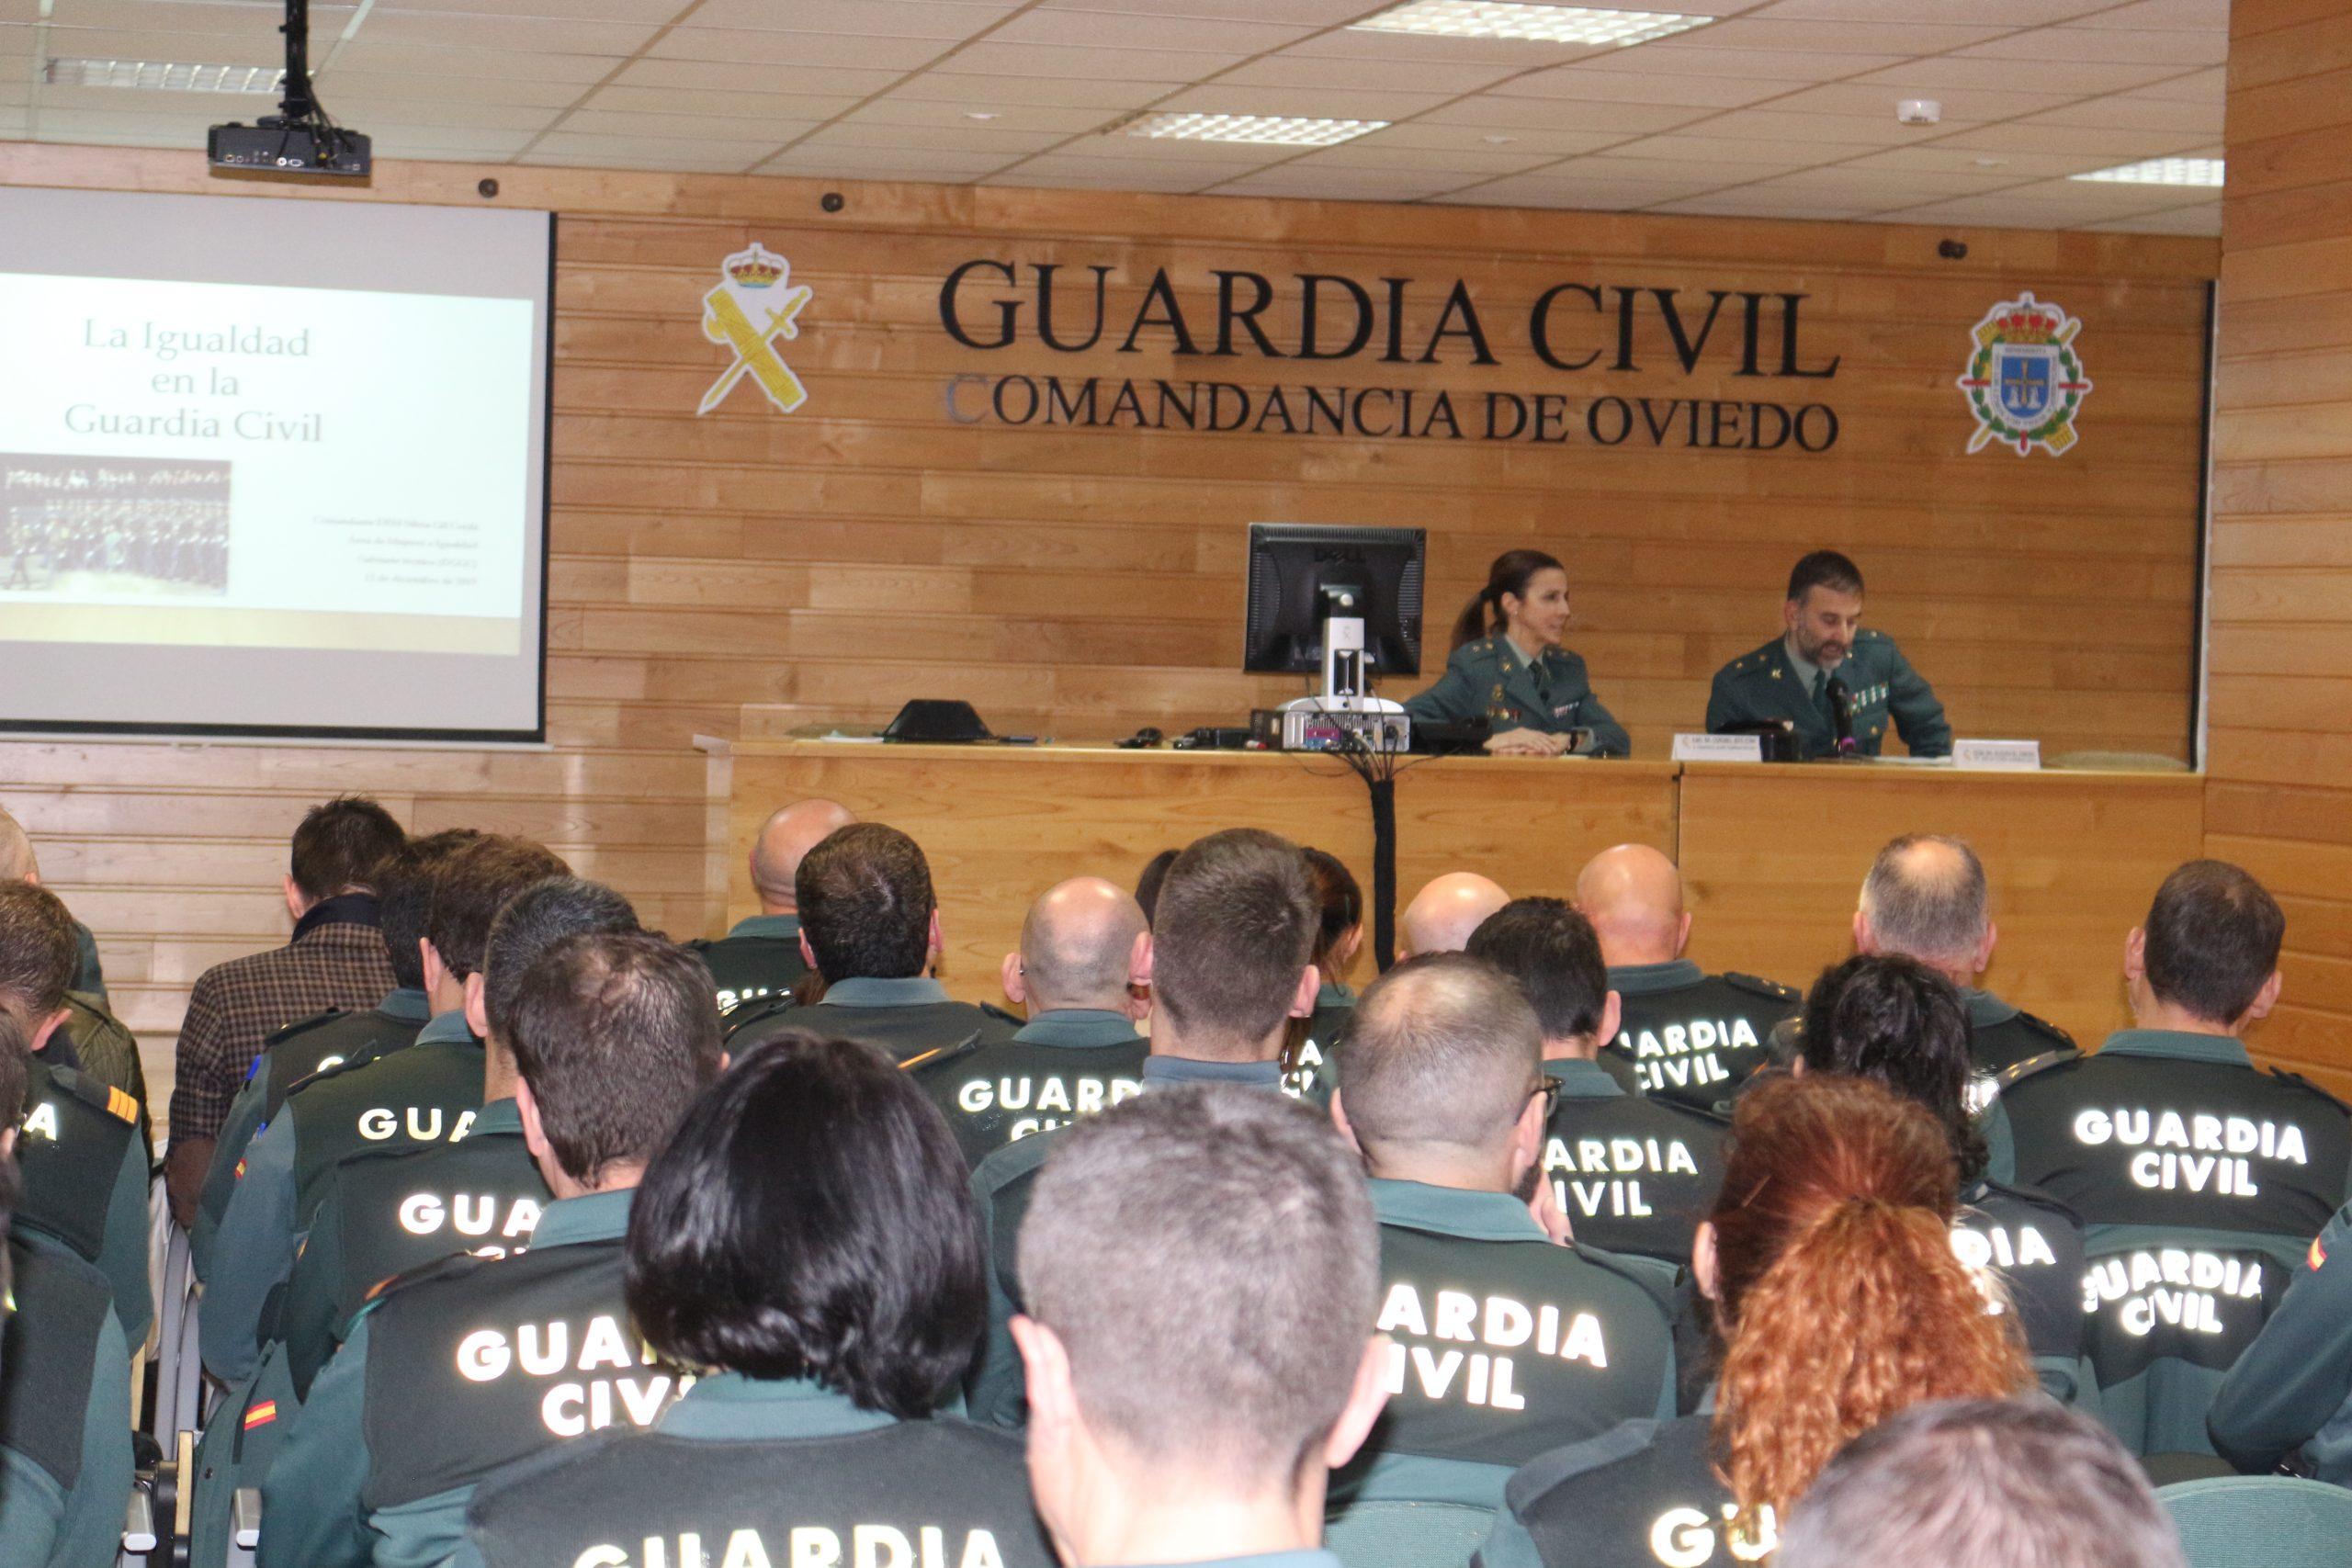 La Guardia Civil organiza una Jornada de Igualdad